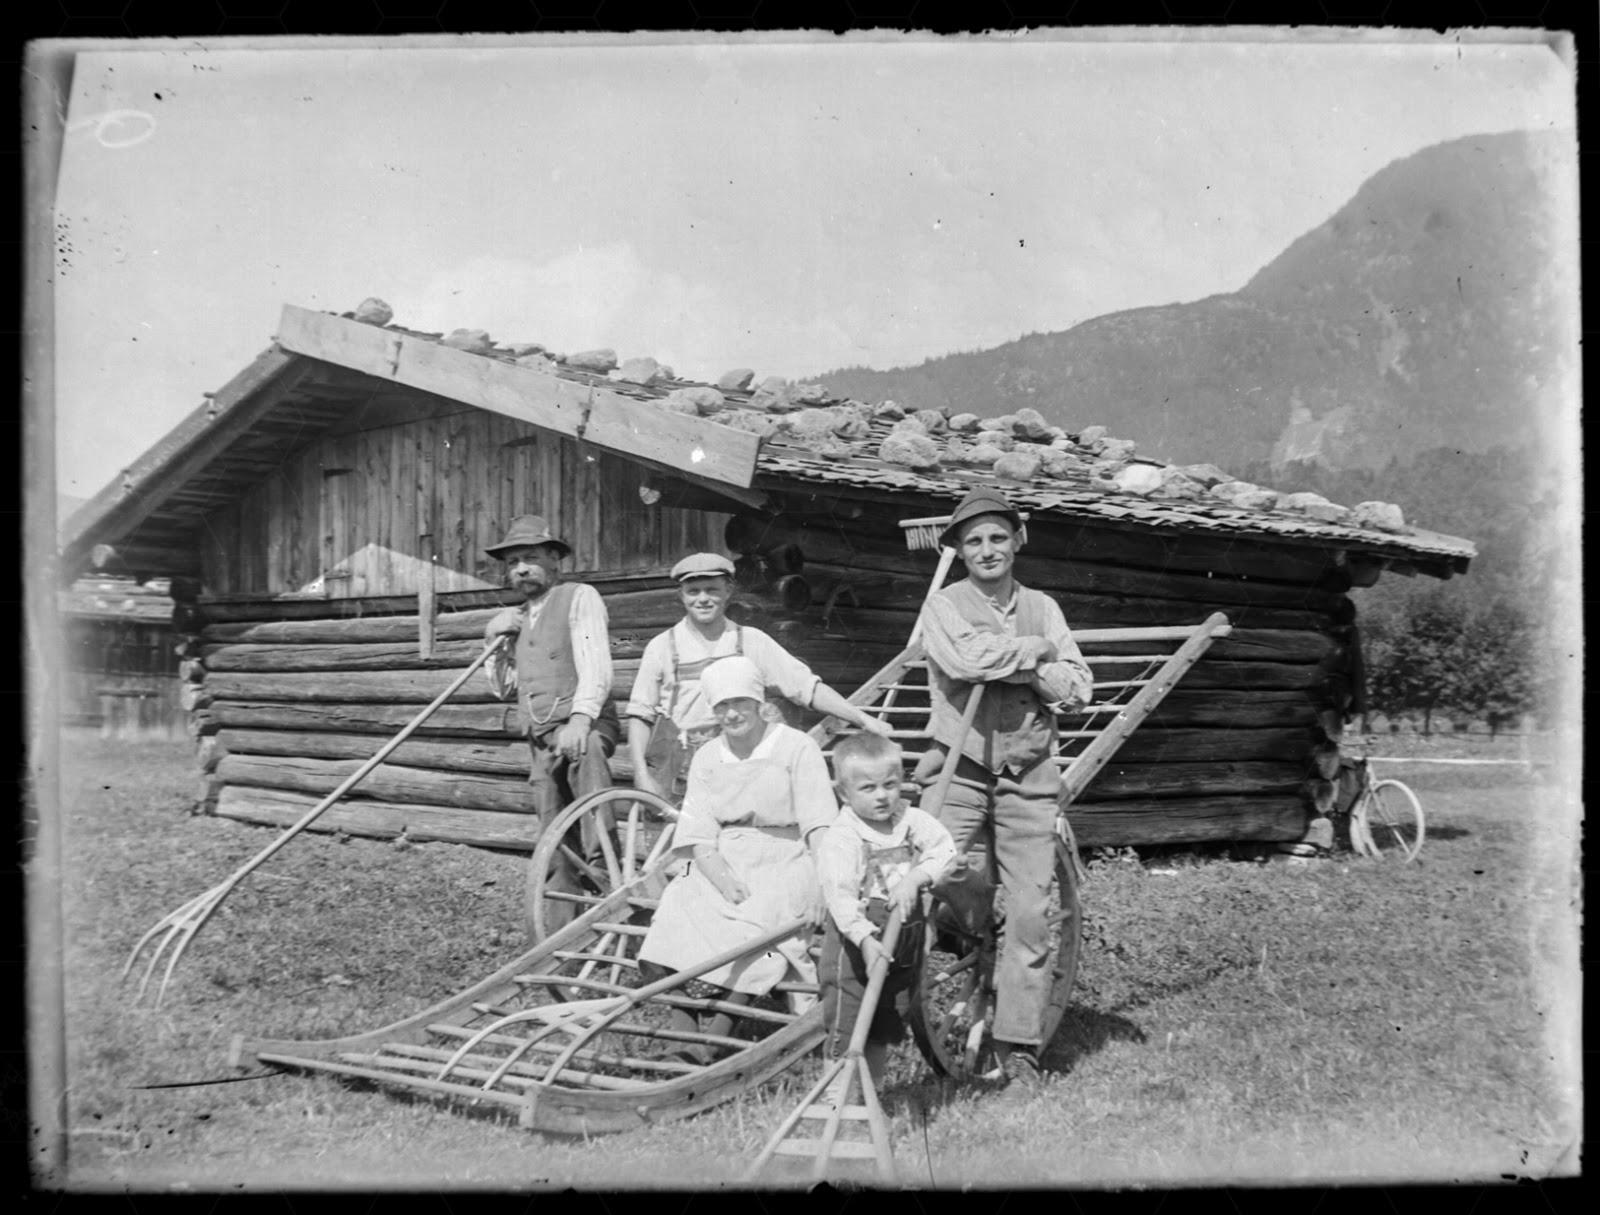 Gruppe von Menschen vor einem garmischer Heustadl - uim 1920-1930